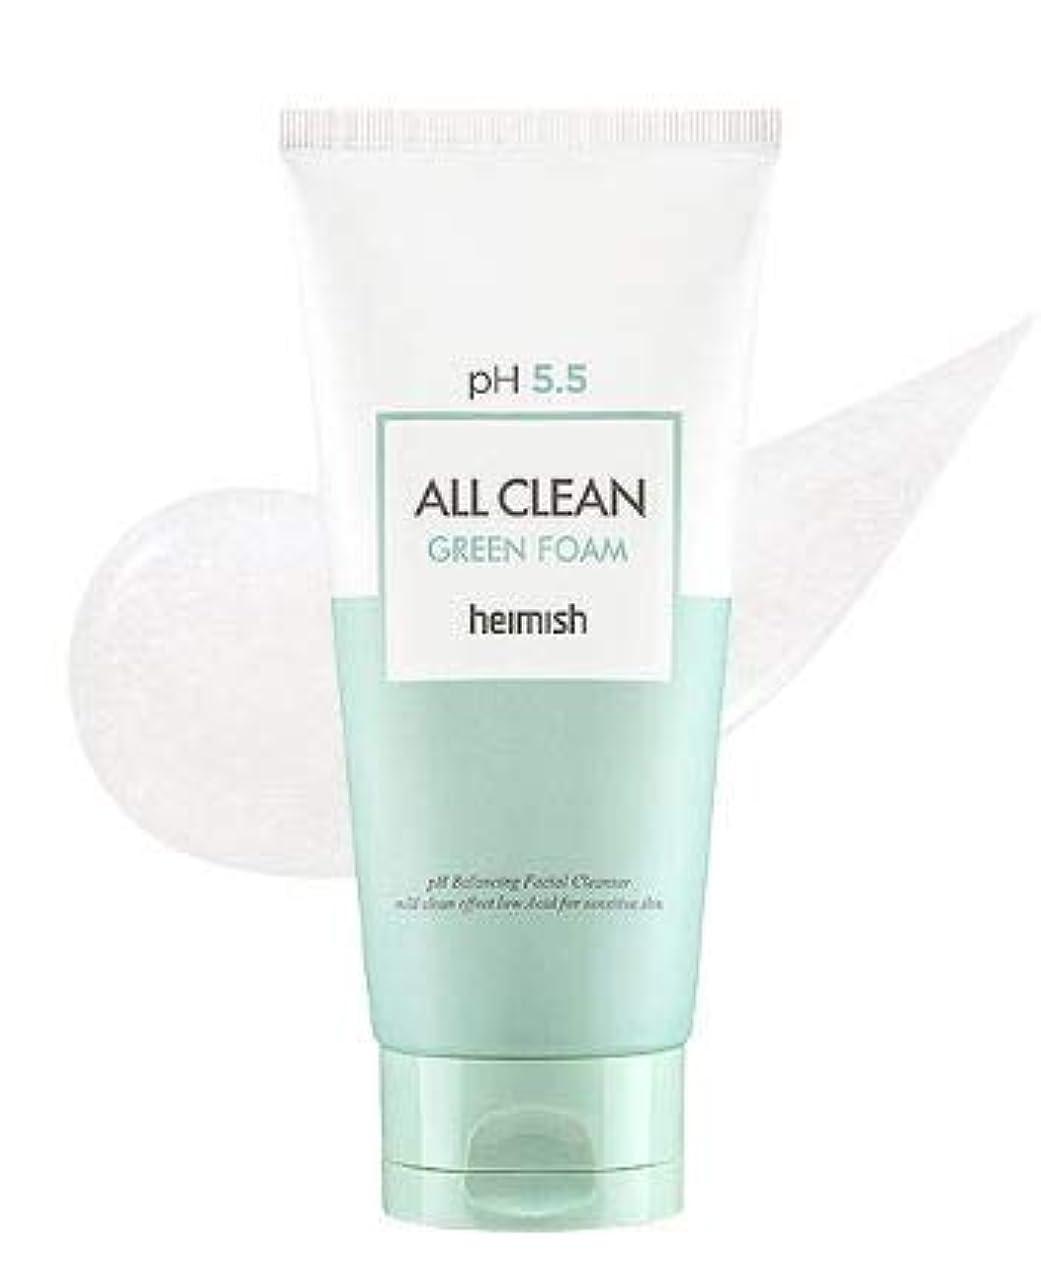 補助金旅行代理店助けになる[heimish] All Clean Green Foam 150g / [ヘイミッシュ] オールクリーン グリーン フォーム 150g [並行輸入品]